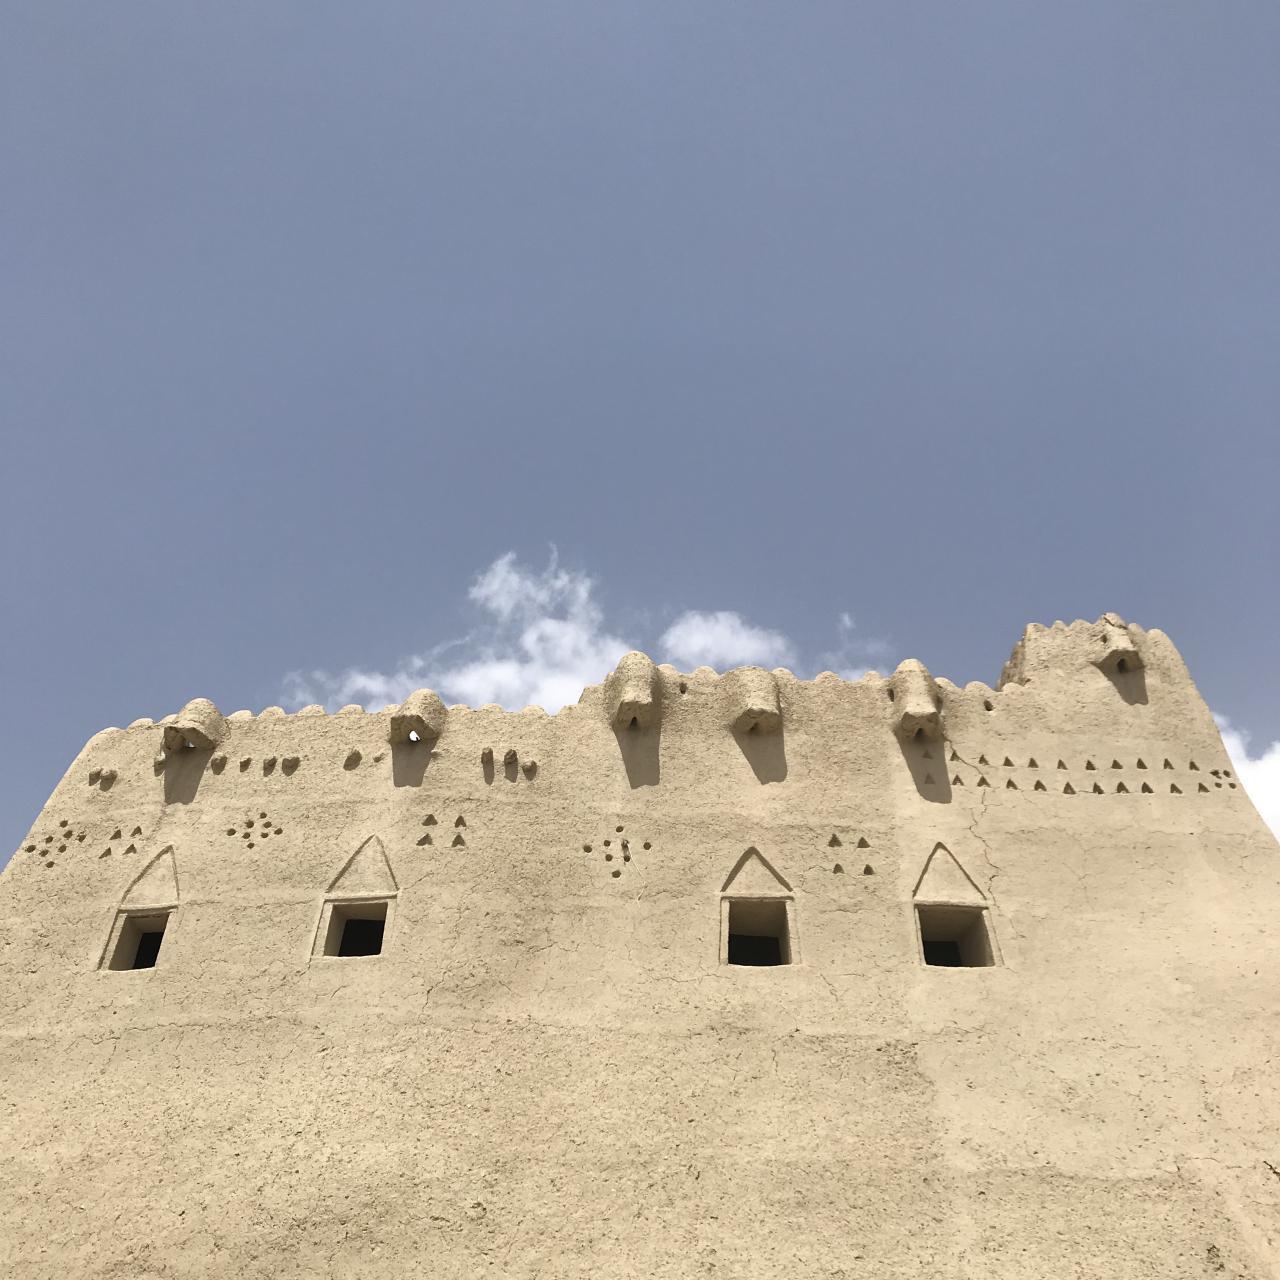 قلعه سب-قرن ۱۲هجری -سیب سوران ،بلوچستان